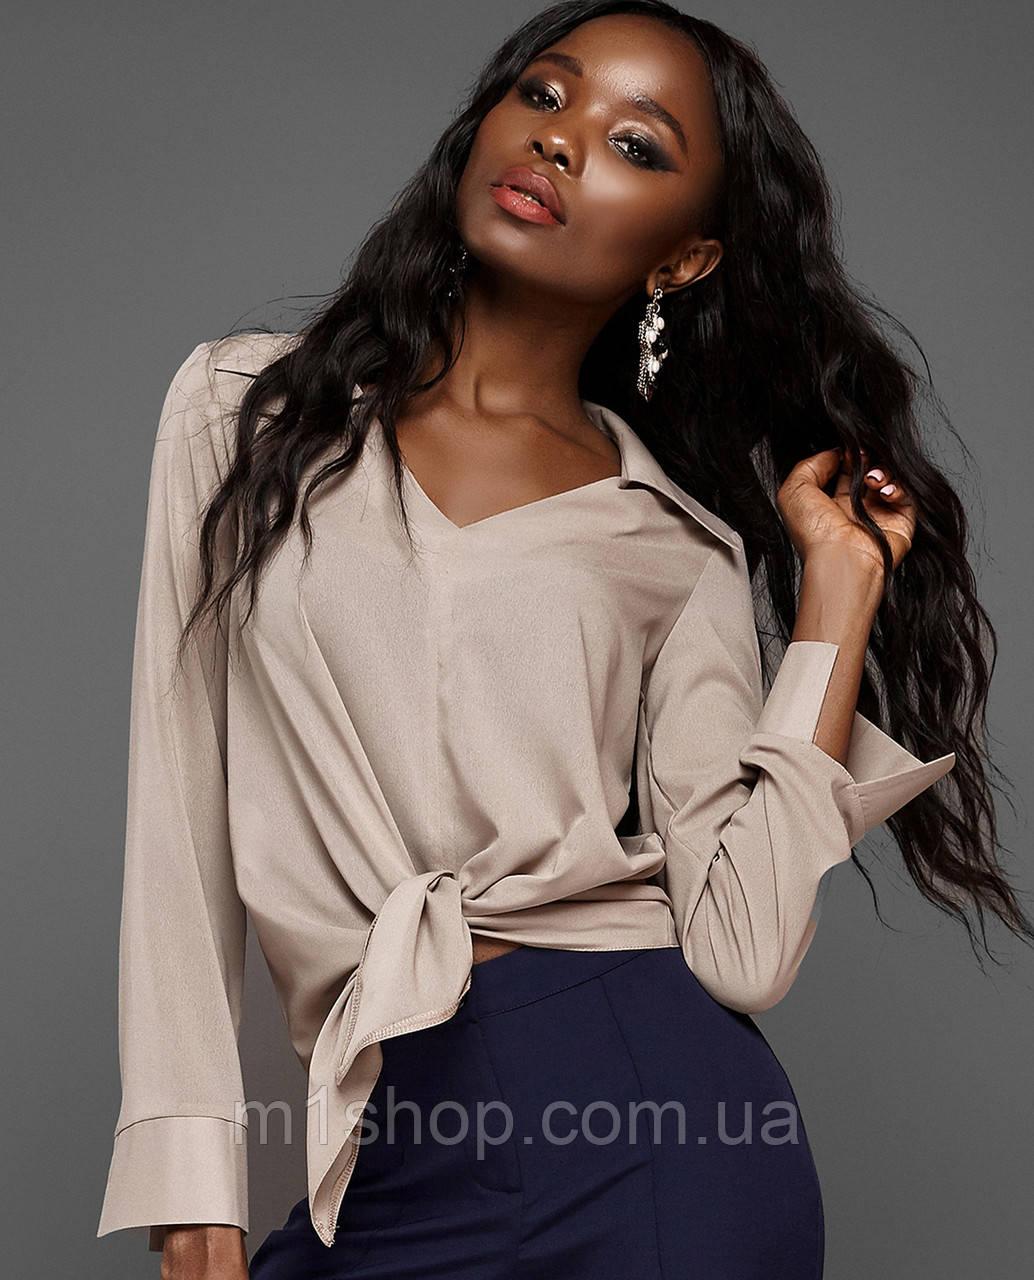 Женская блузка с асимметричным низом (Октавия jd)